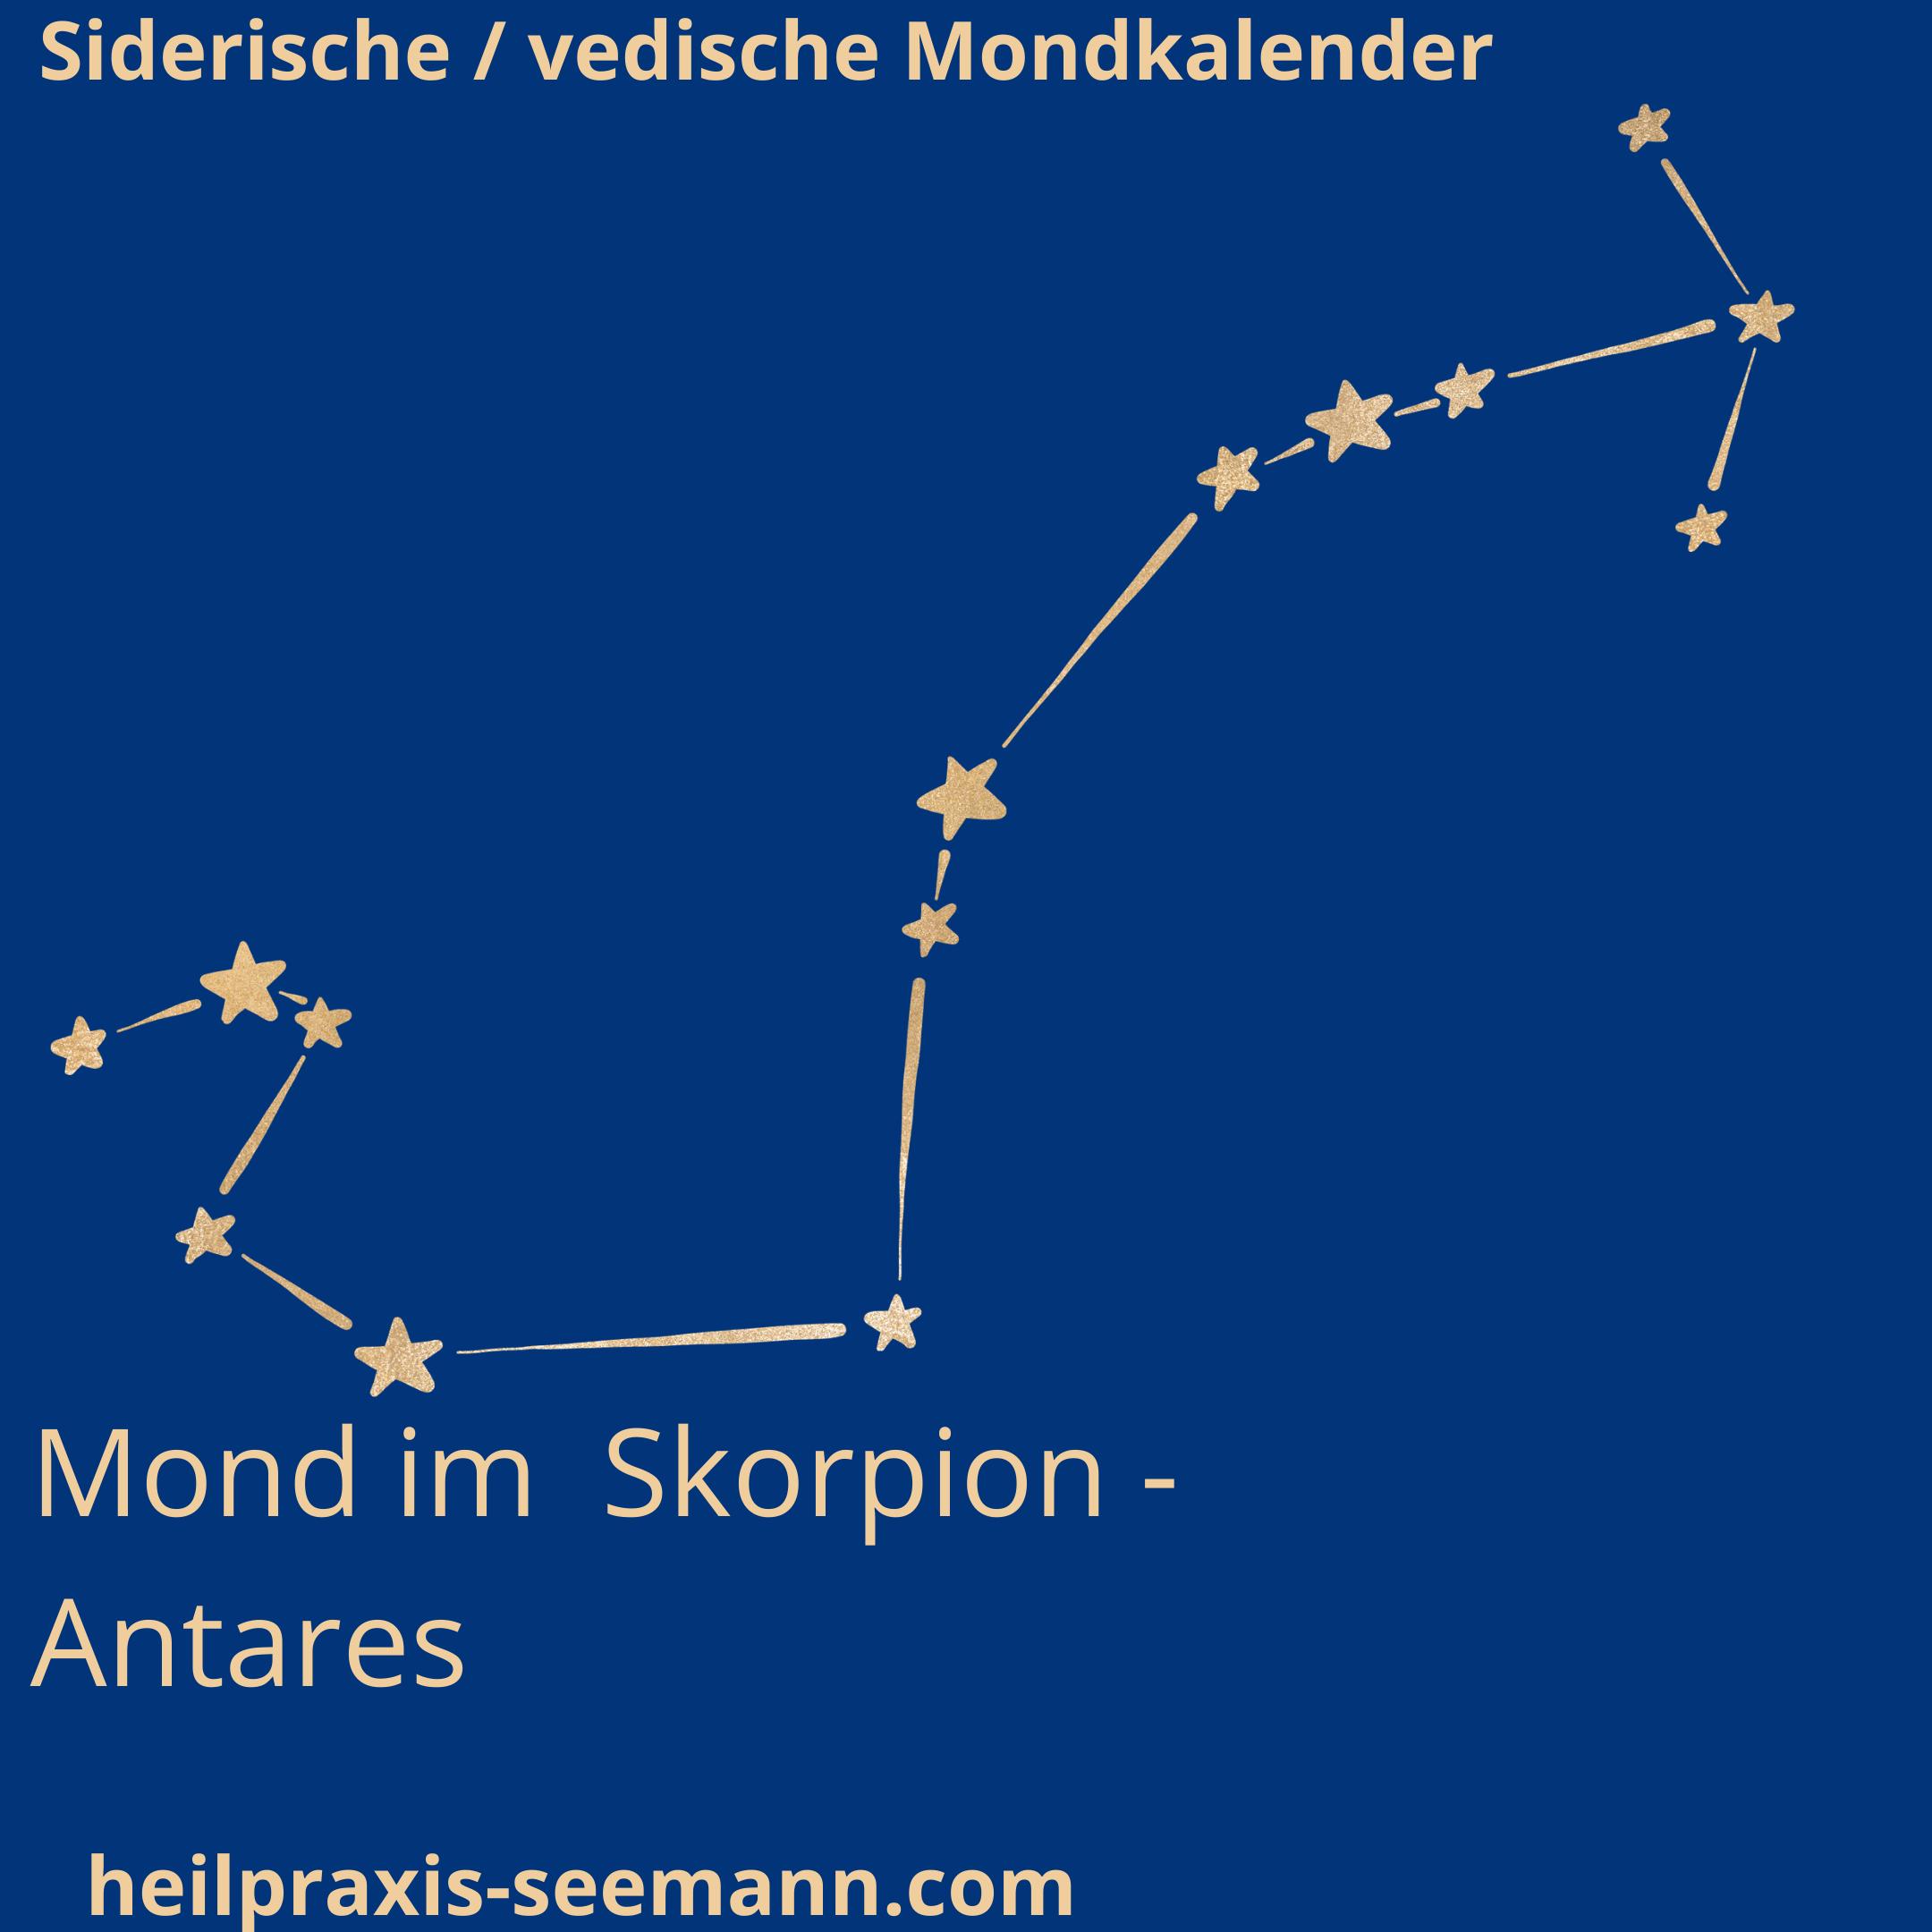 Siderische Mondkalender Mond im Skorpion (2)